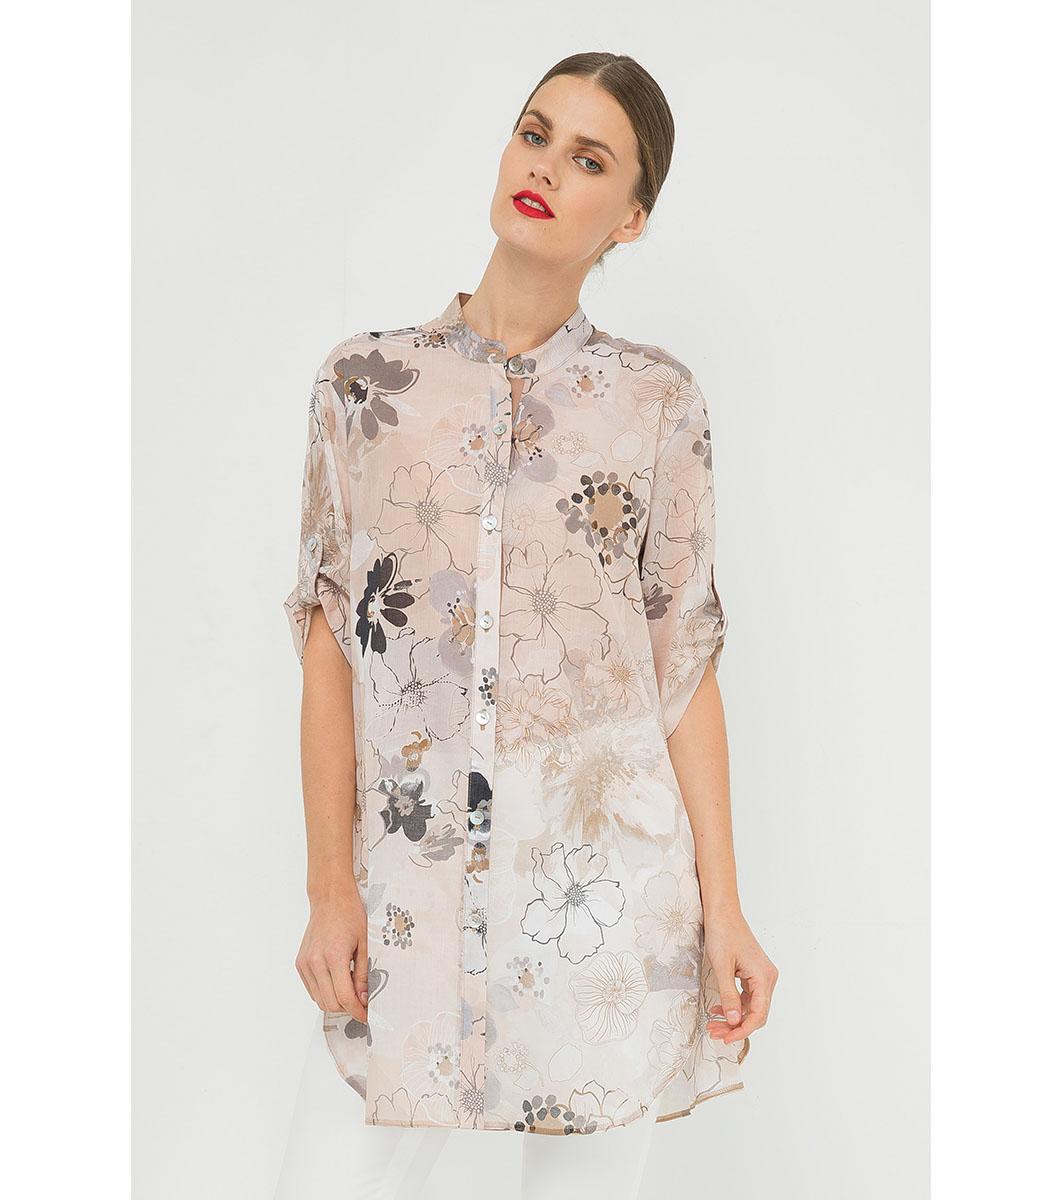 fdae9cac21f Дълга памучна дамска риза в бежово с принт Minelli - 2162277 ...